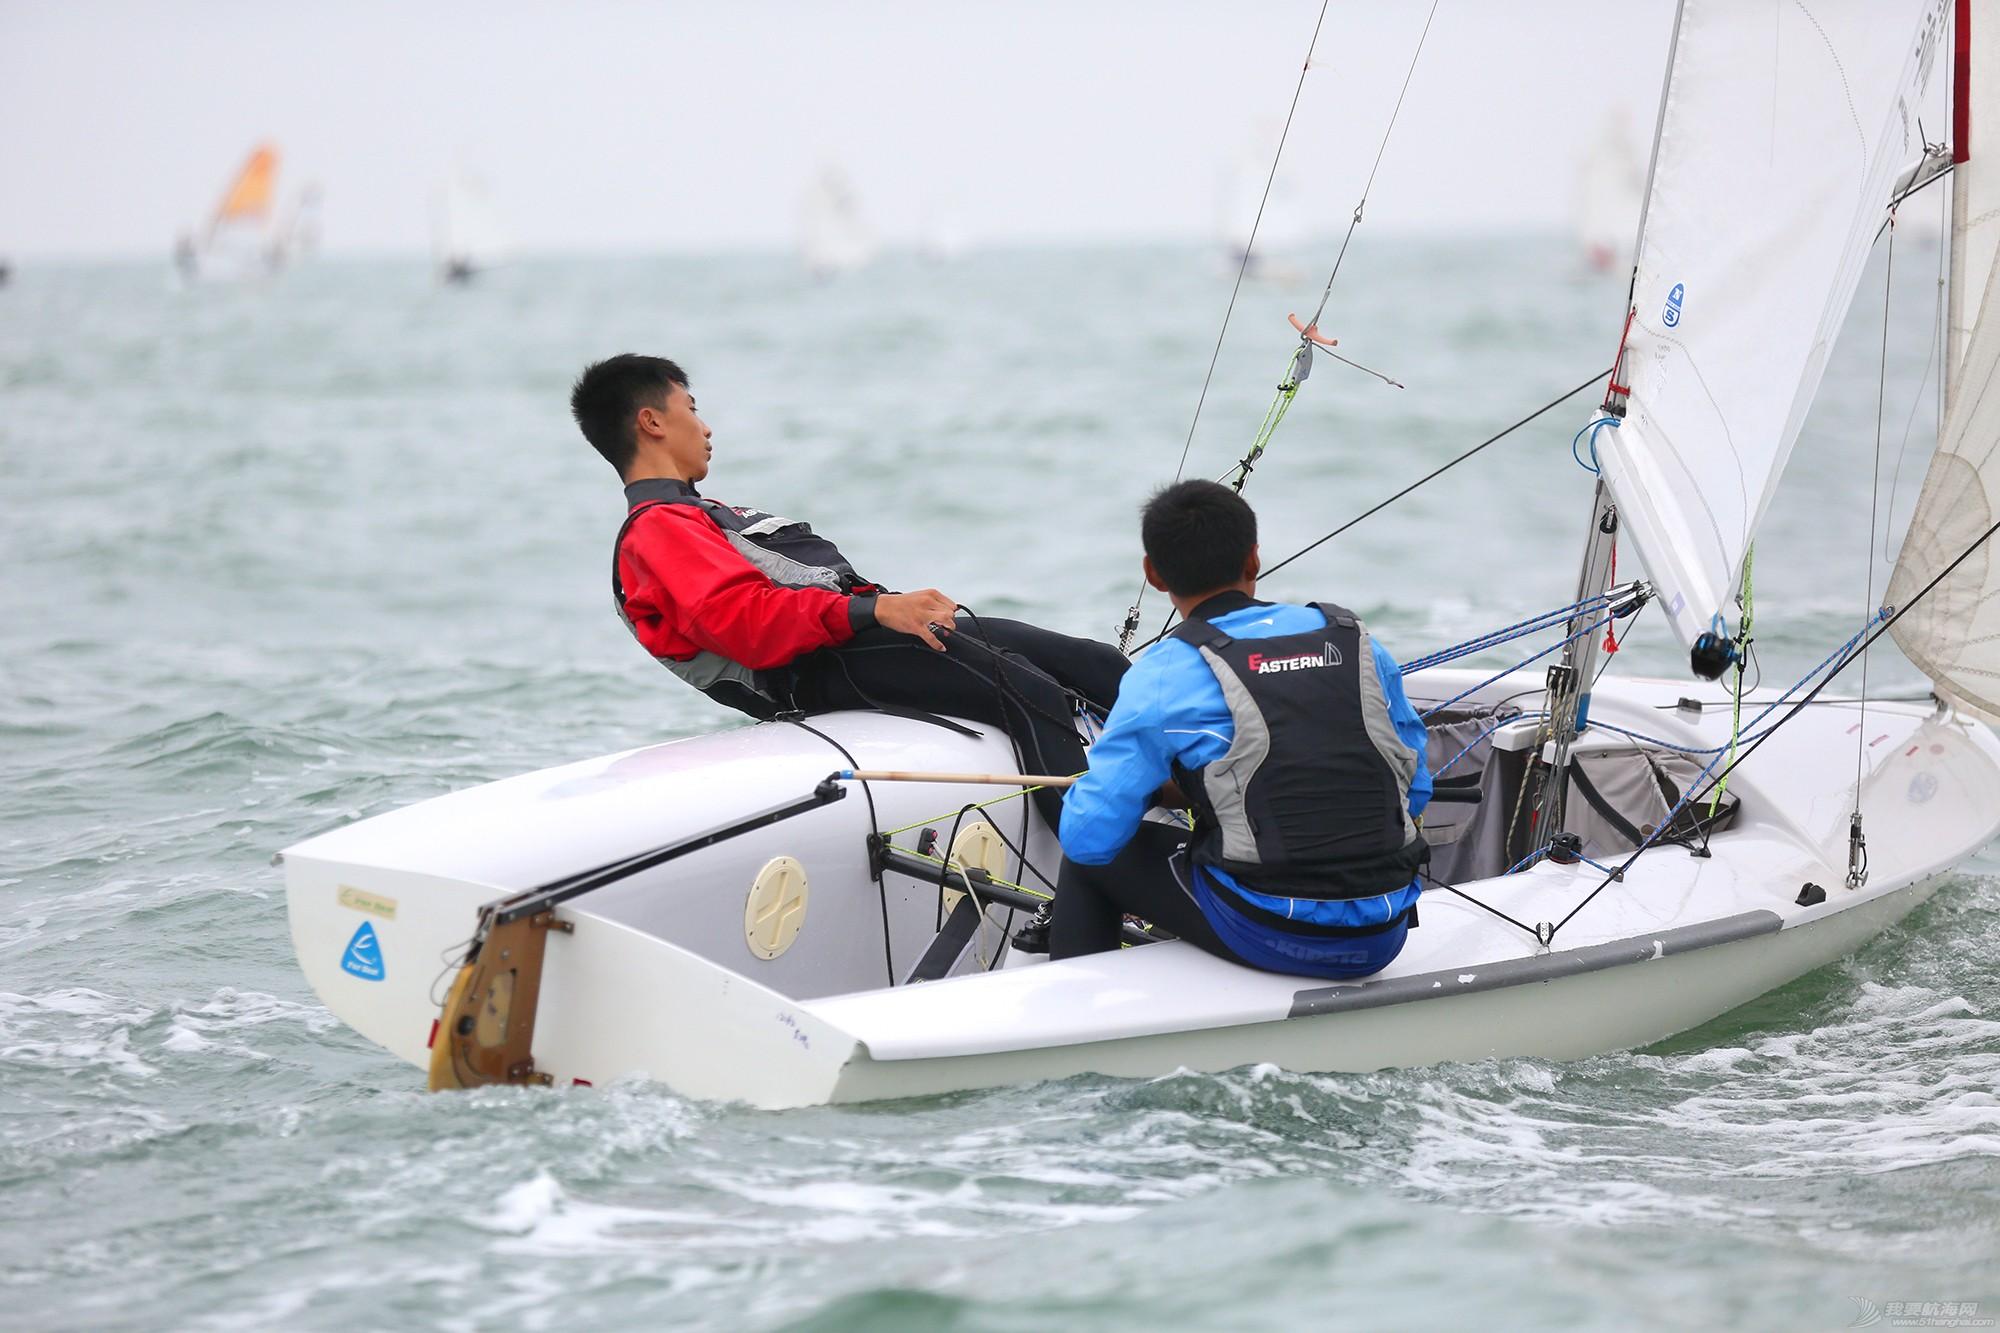 山东省,运动员,冠军赛,天气,帆板 风生水起,怎奈个个都是浪里白条——山东省帆船帆板冠军赛第二天赛况 5V8A3050副本.jpg